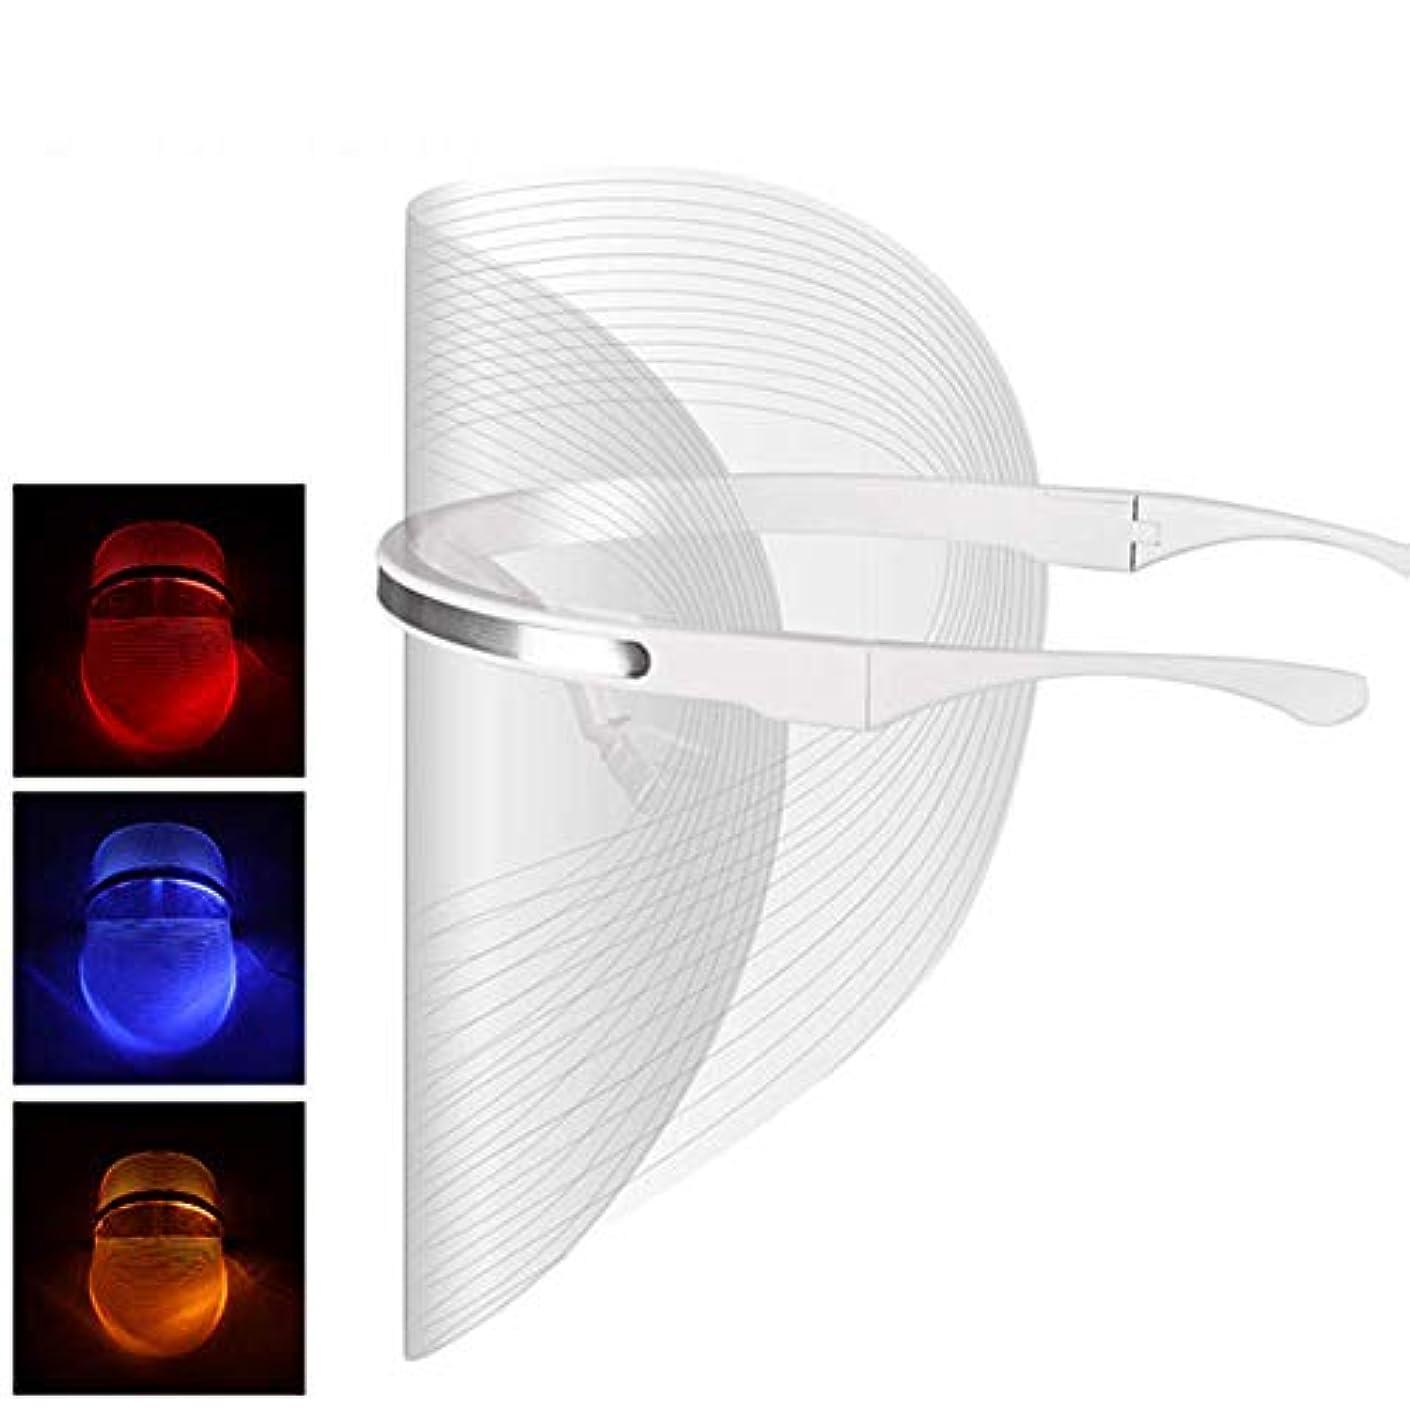 定期的通信網摂氏度LEDの顔のマスクの美の器械のしわの取り外しの顔の皮のフェイスケアは顔のマスクの器械を白くします